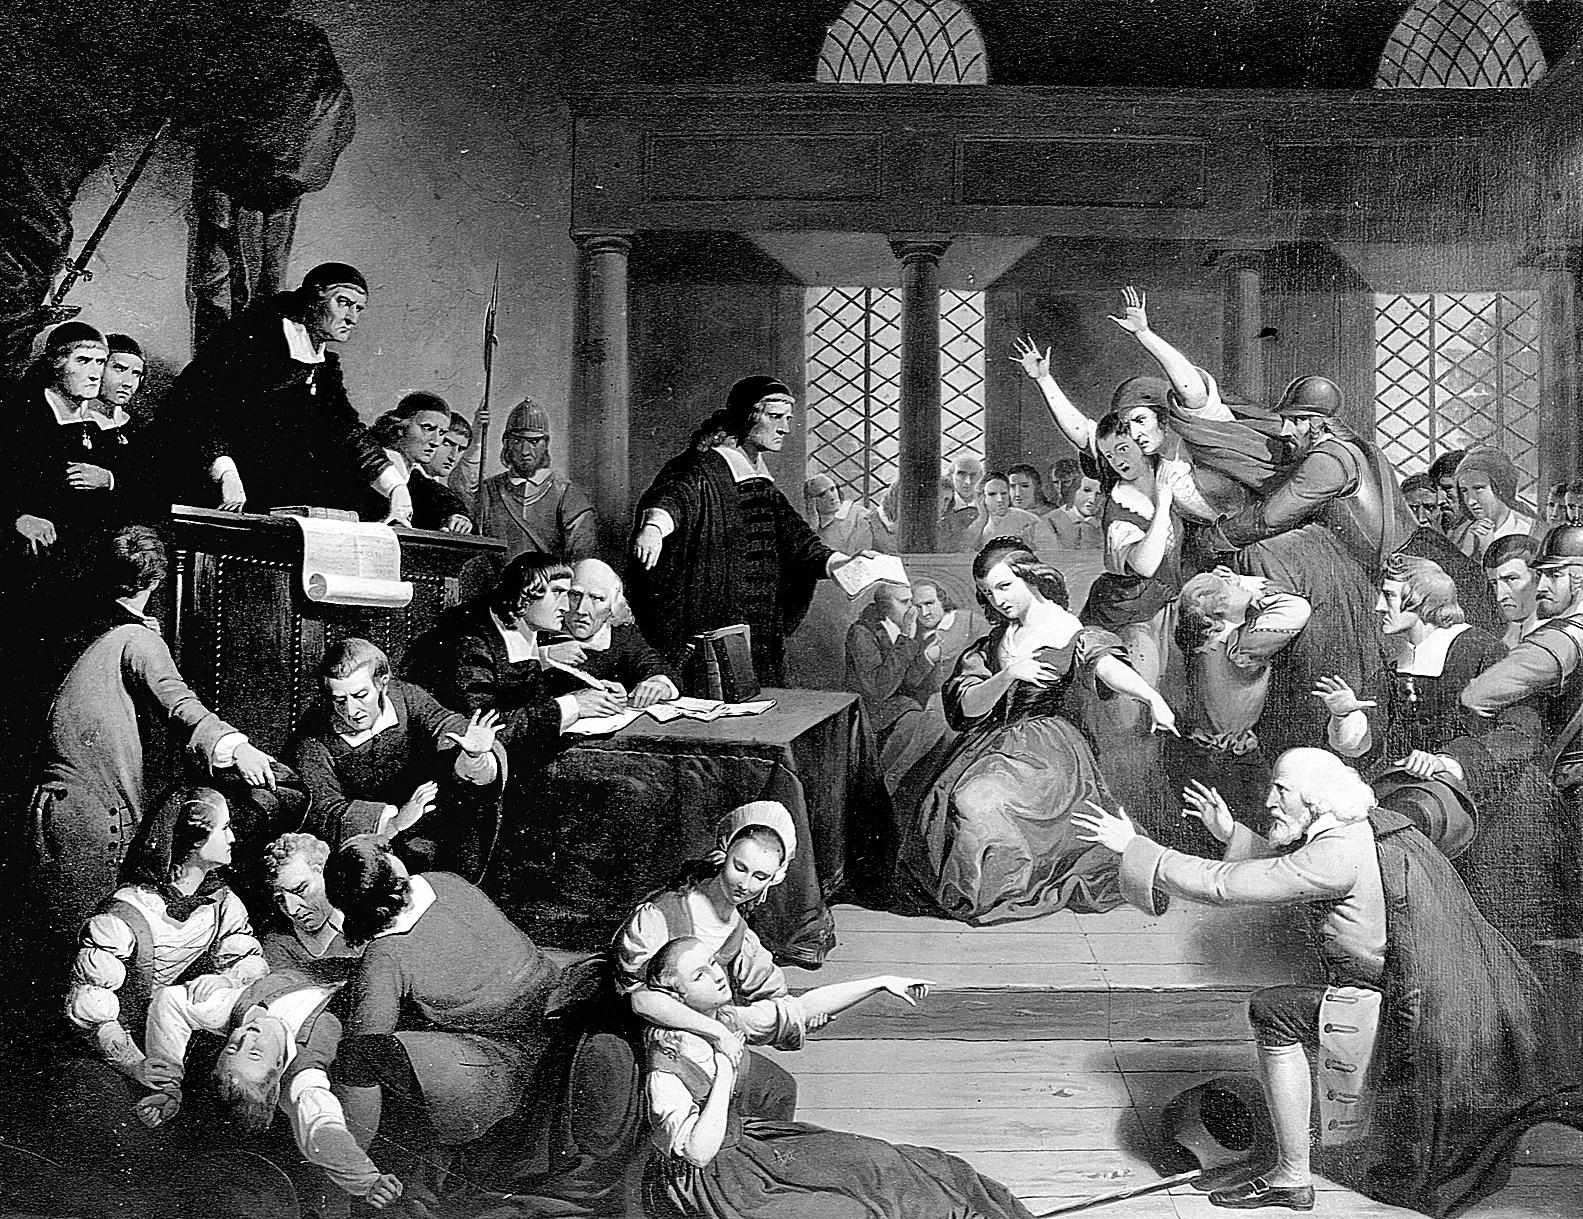 Grabado de una de las vistas de los juicios de Salem